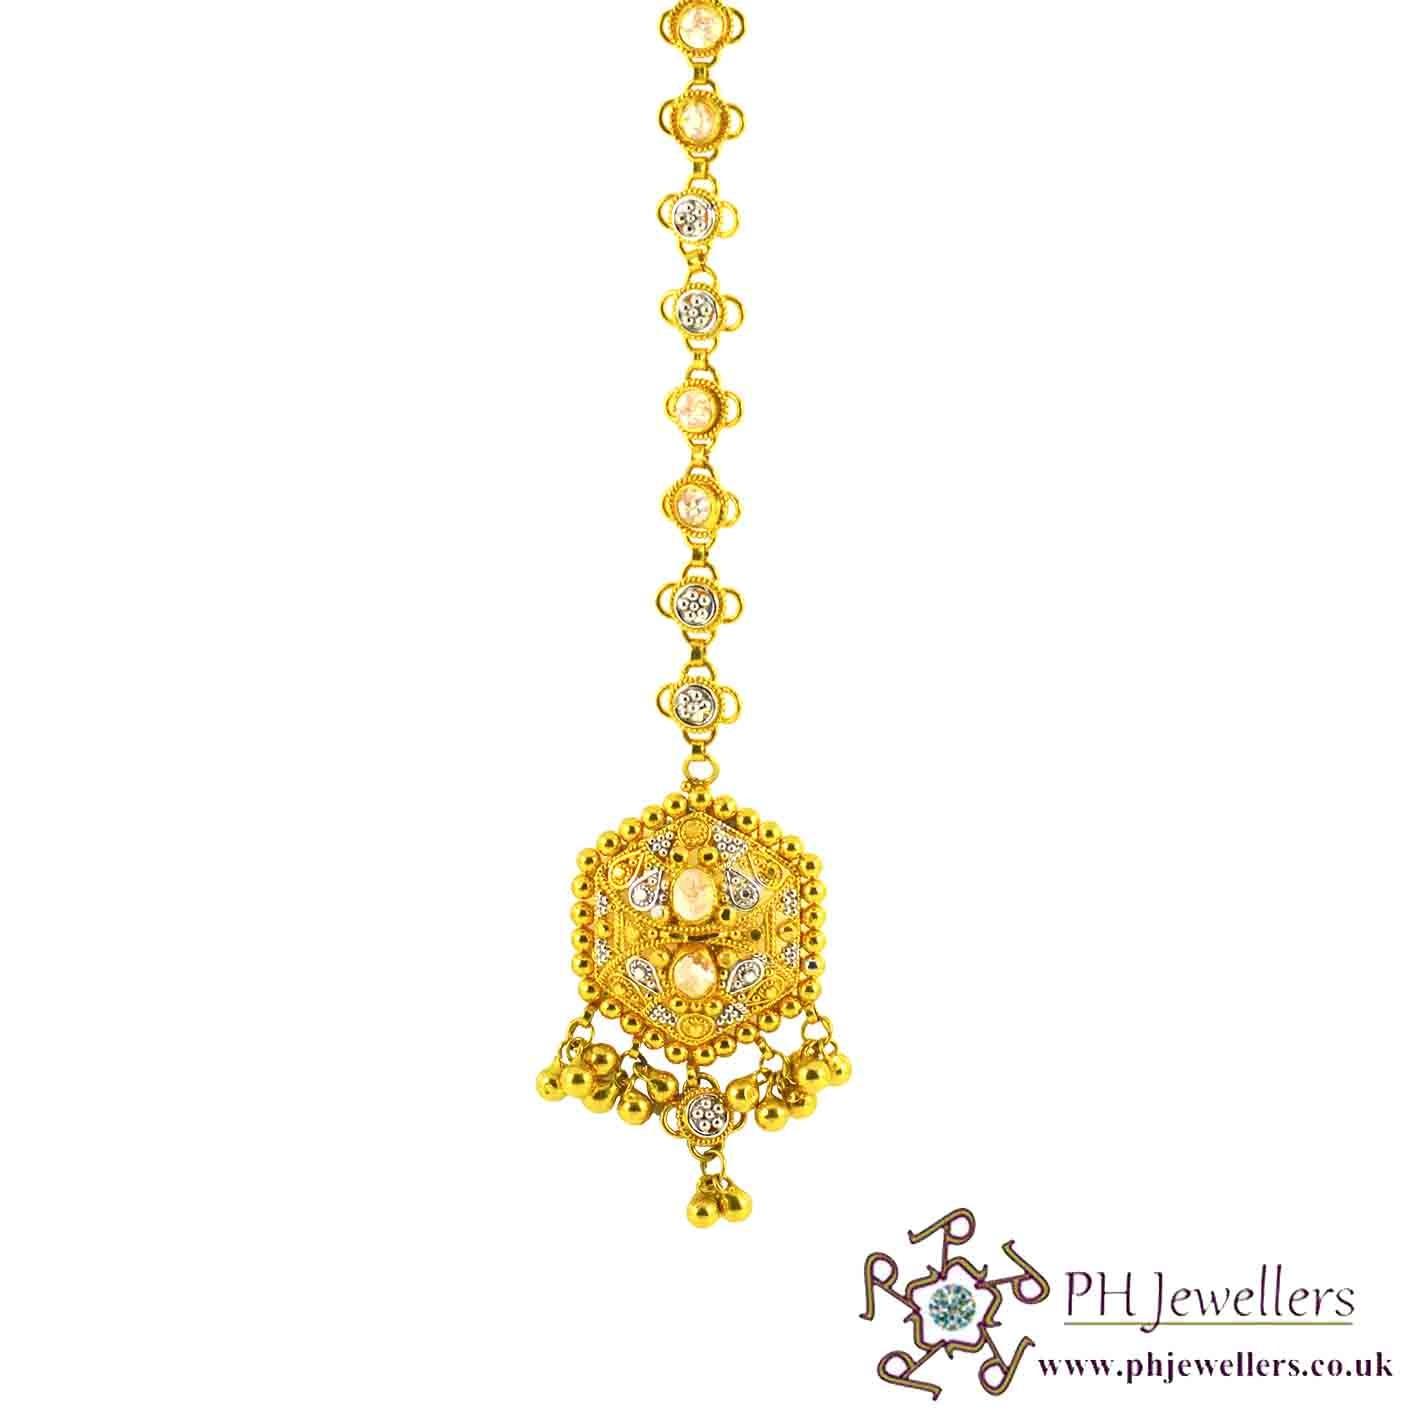 22ct 916 Hallmark Yellow Gold Headpiece Polki Rhodium Tikka TI4